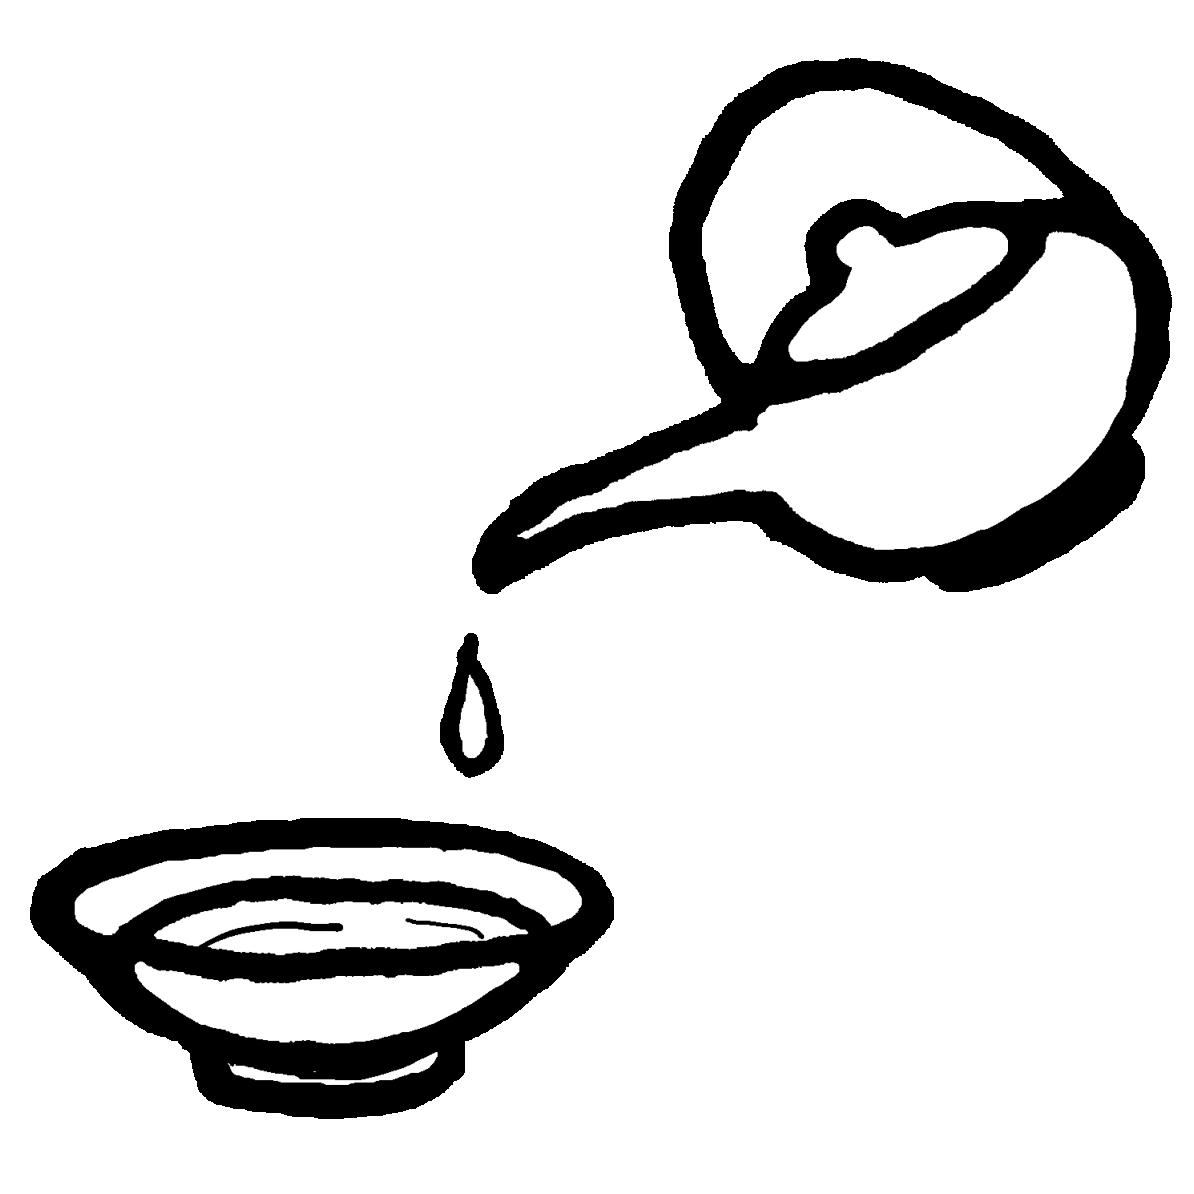 盃・お銚子セットのイラスト / Sake and Choshi Illustration